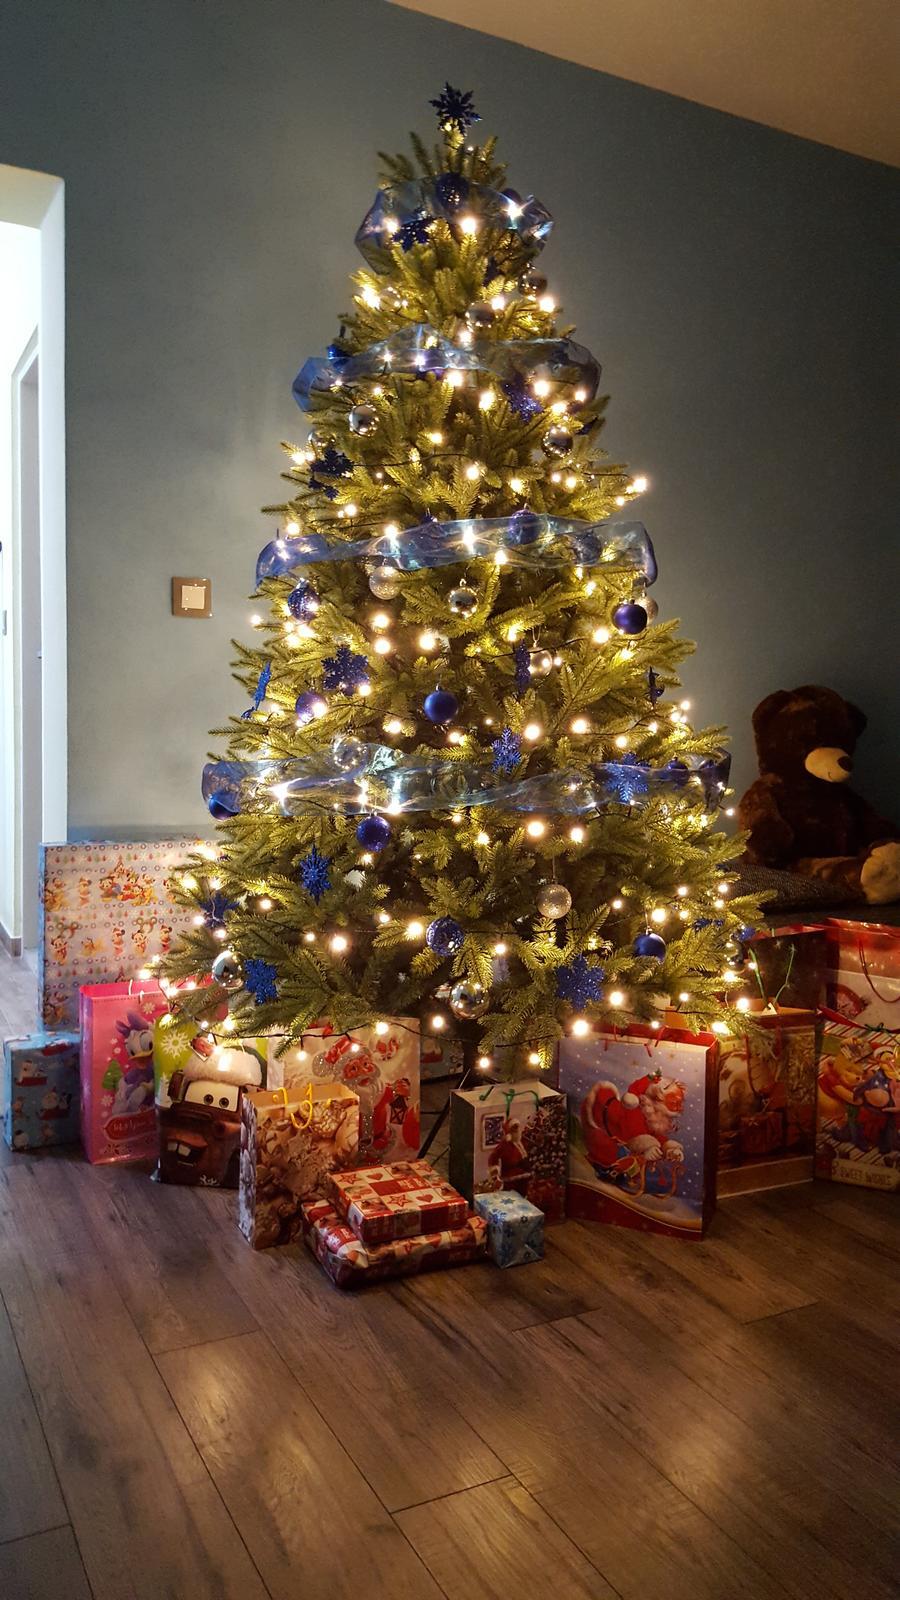 Veselé Vianoce všetkým❄🎄💏💖☃ Aký bol Váš večer? Nám sa vydaril pekný. Pred večerou nám začalo snežiť, takže prvý darček bol skôr. Zbožňujem❄❄❄❄. Pod stromčekom sme si našli darčeky ktoré nás príjemne prekvapili a potešili no jednoducho zážitok na ktorý nezabudneš som vďačná že ho mám. Nezabudnuteľné Vianoce - Obrázok č. 1